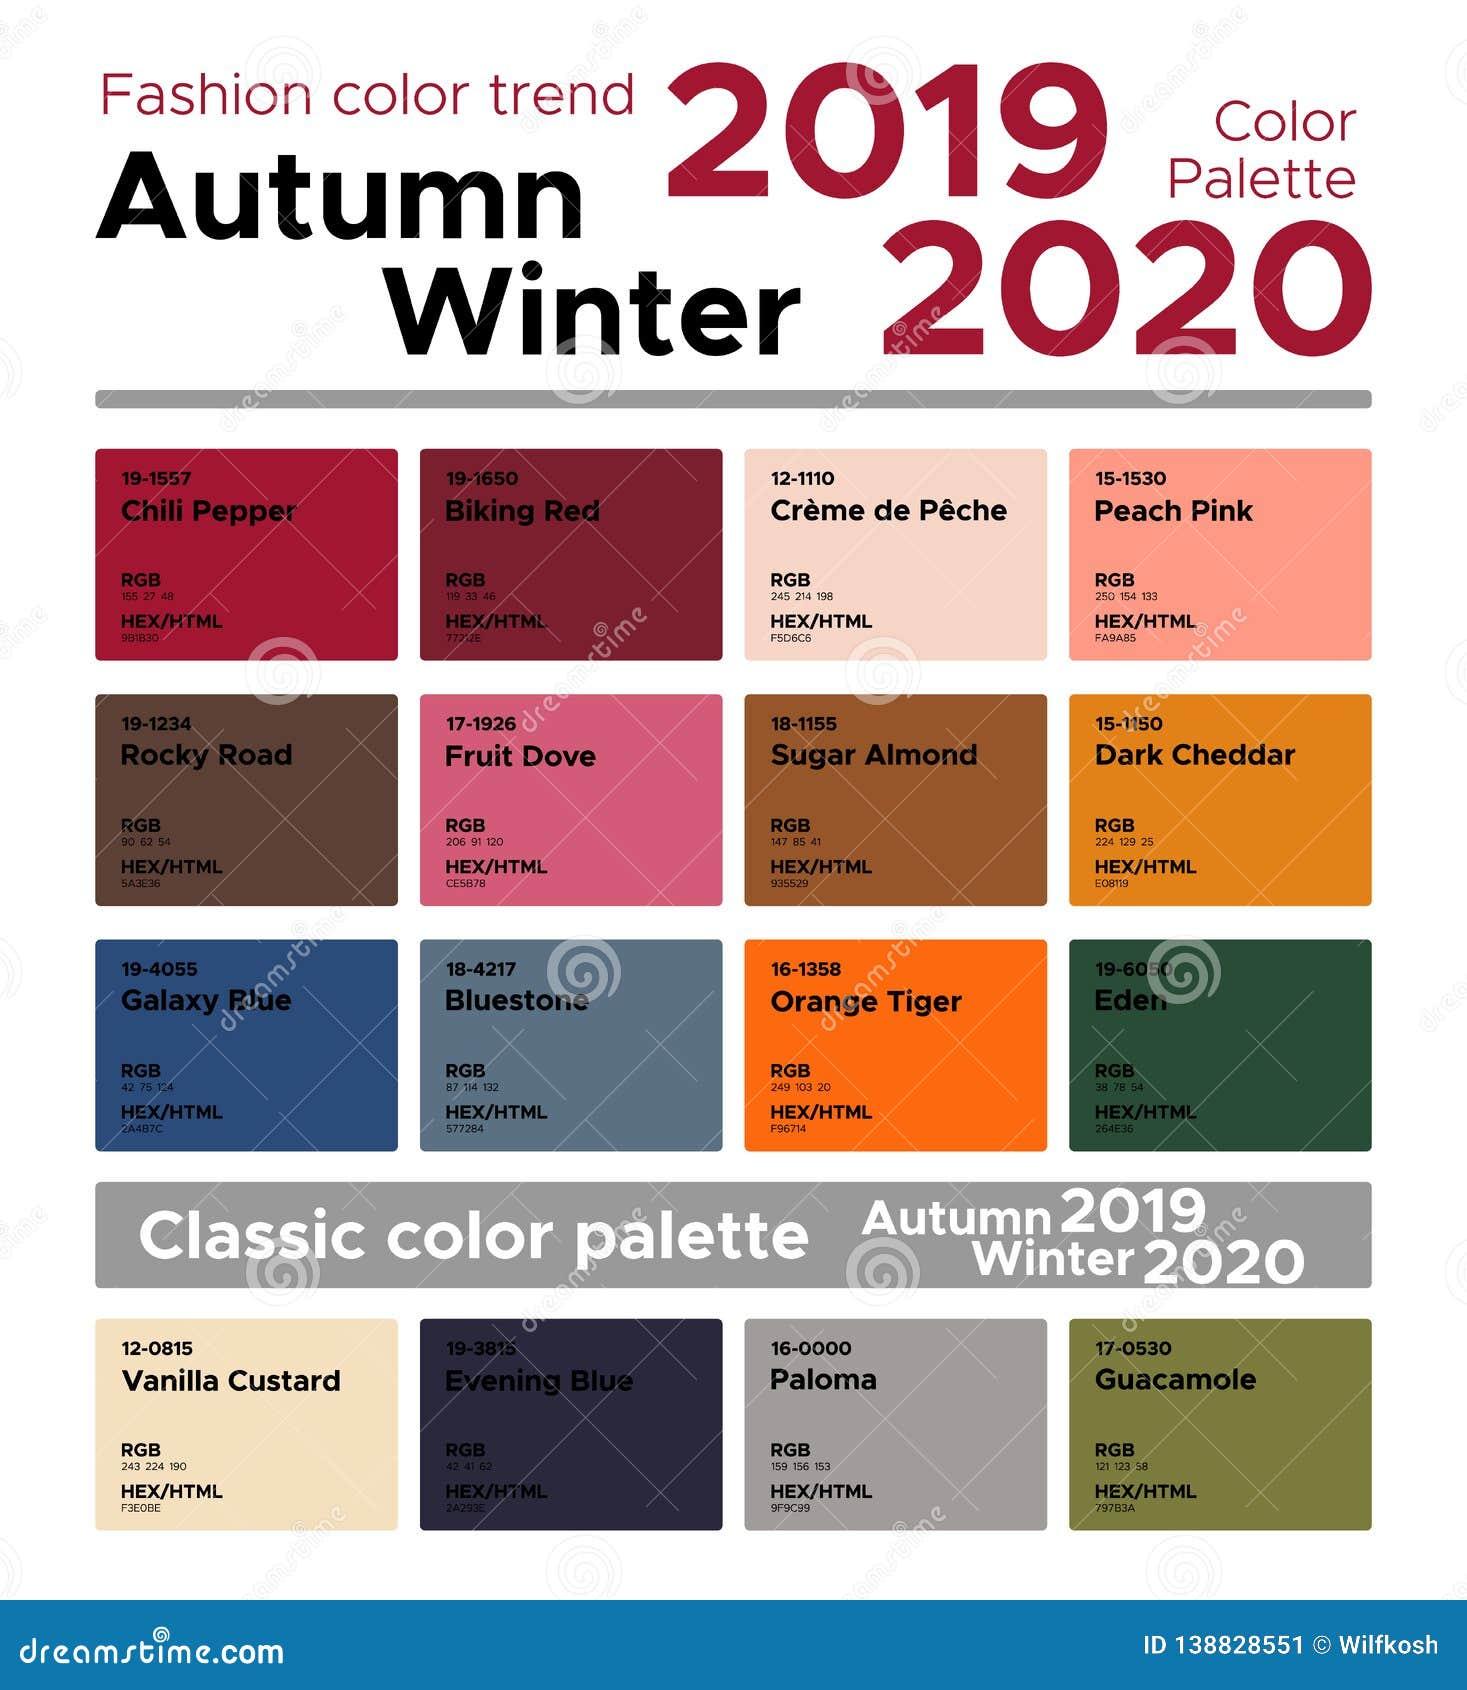 Fashion iColori iTrendi iAutumni Winter 2020 i2020i And Classic